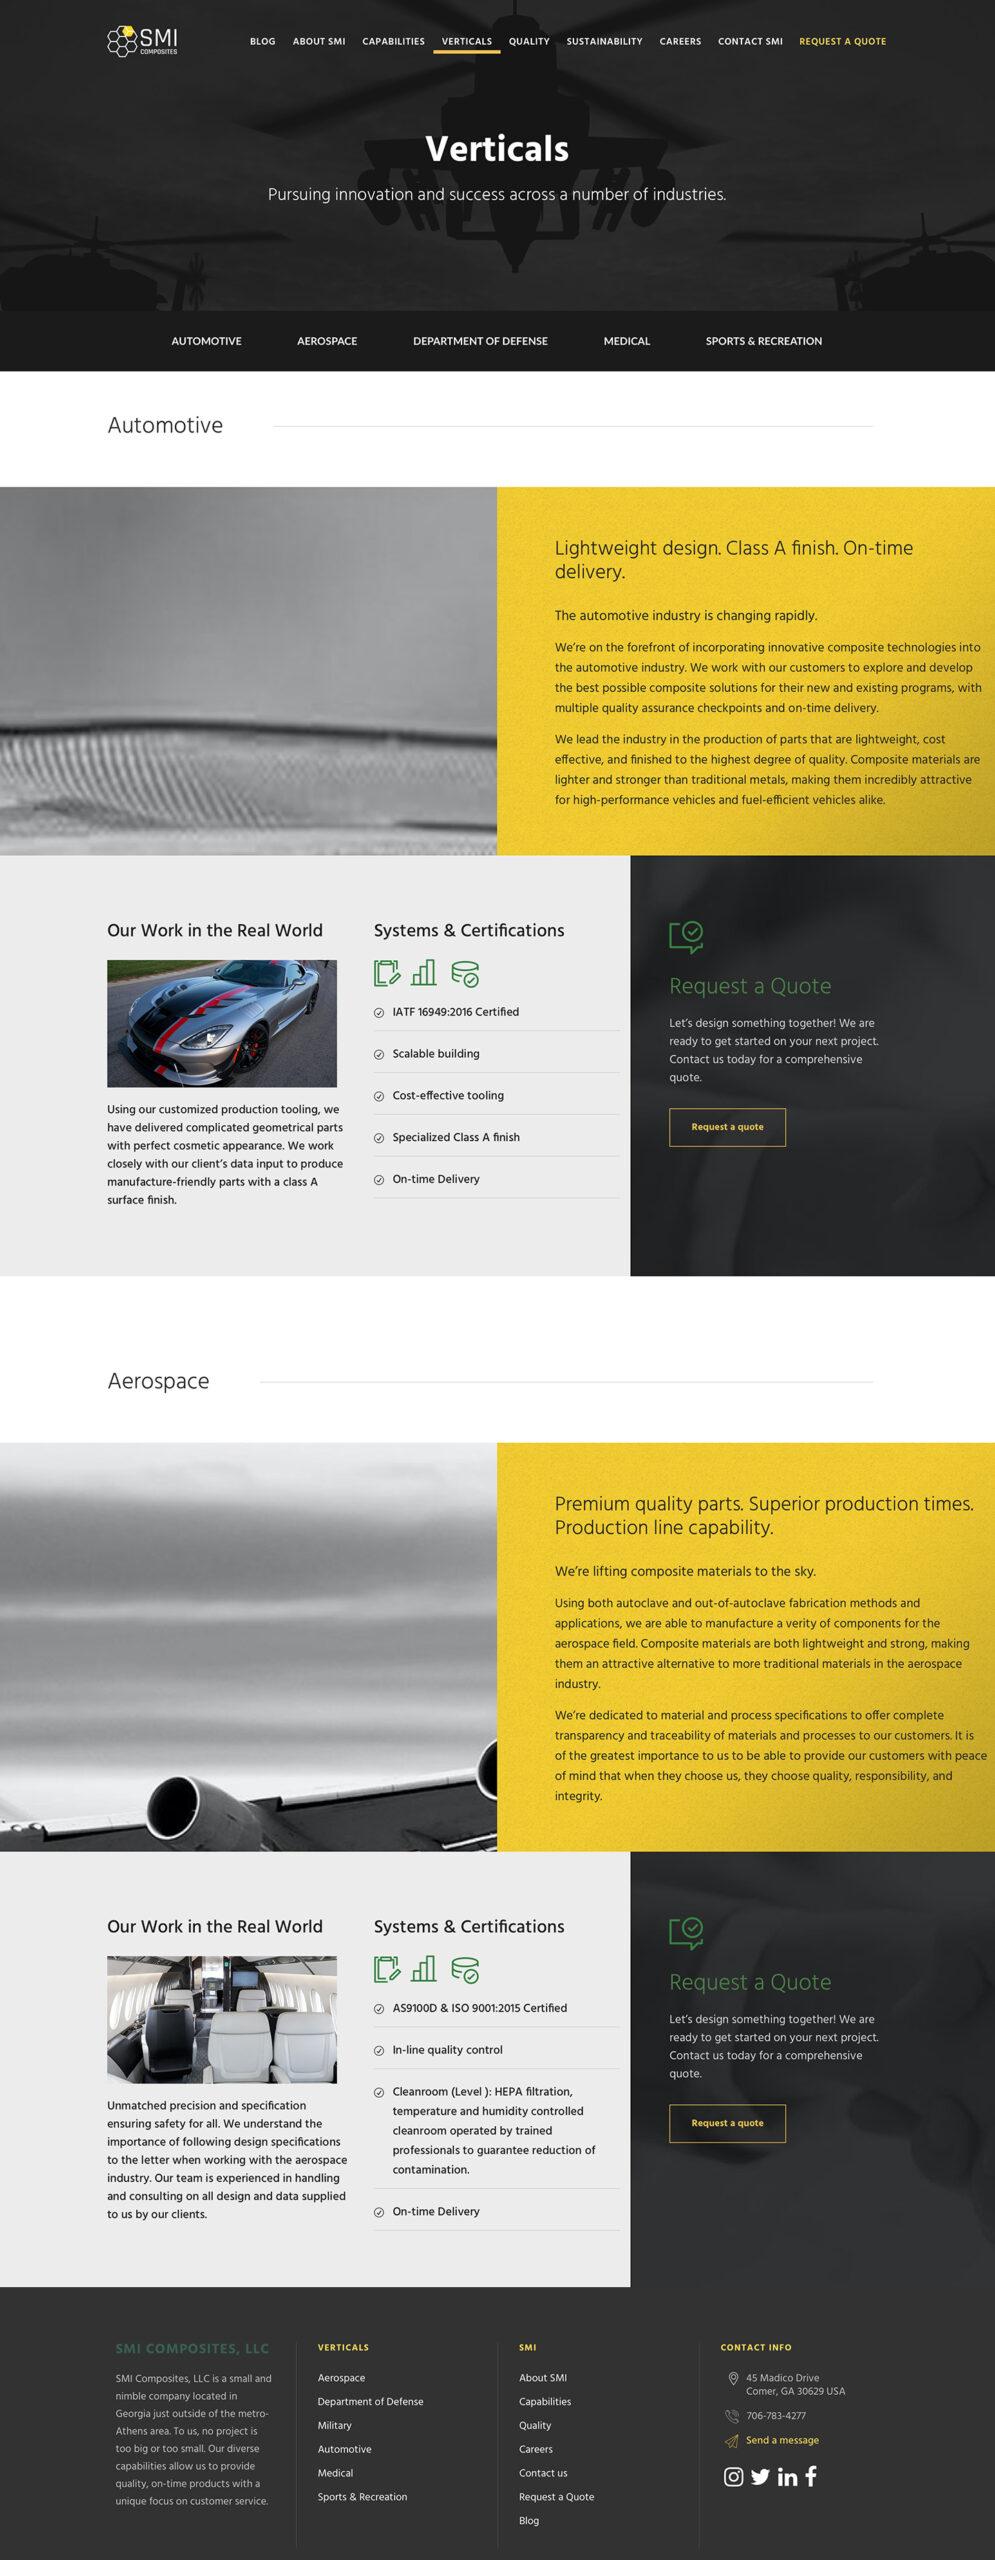 SMI Composites Manufacturer Information Page 2